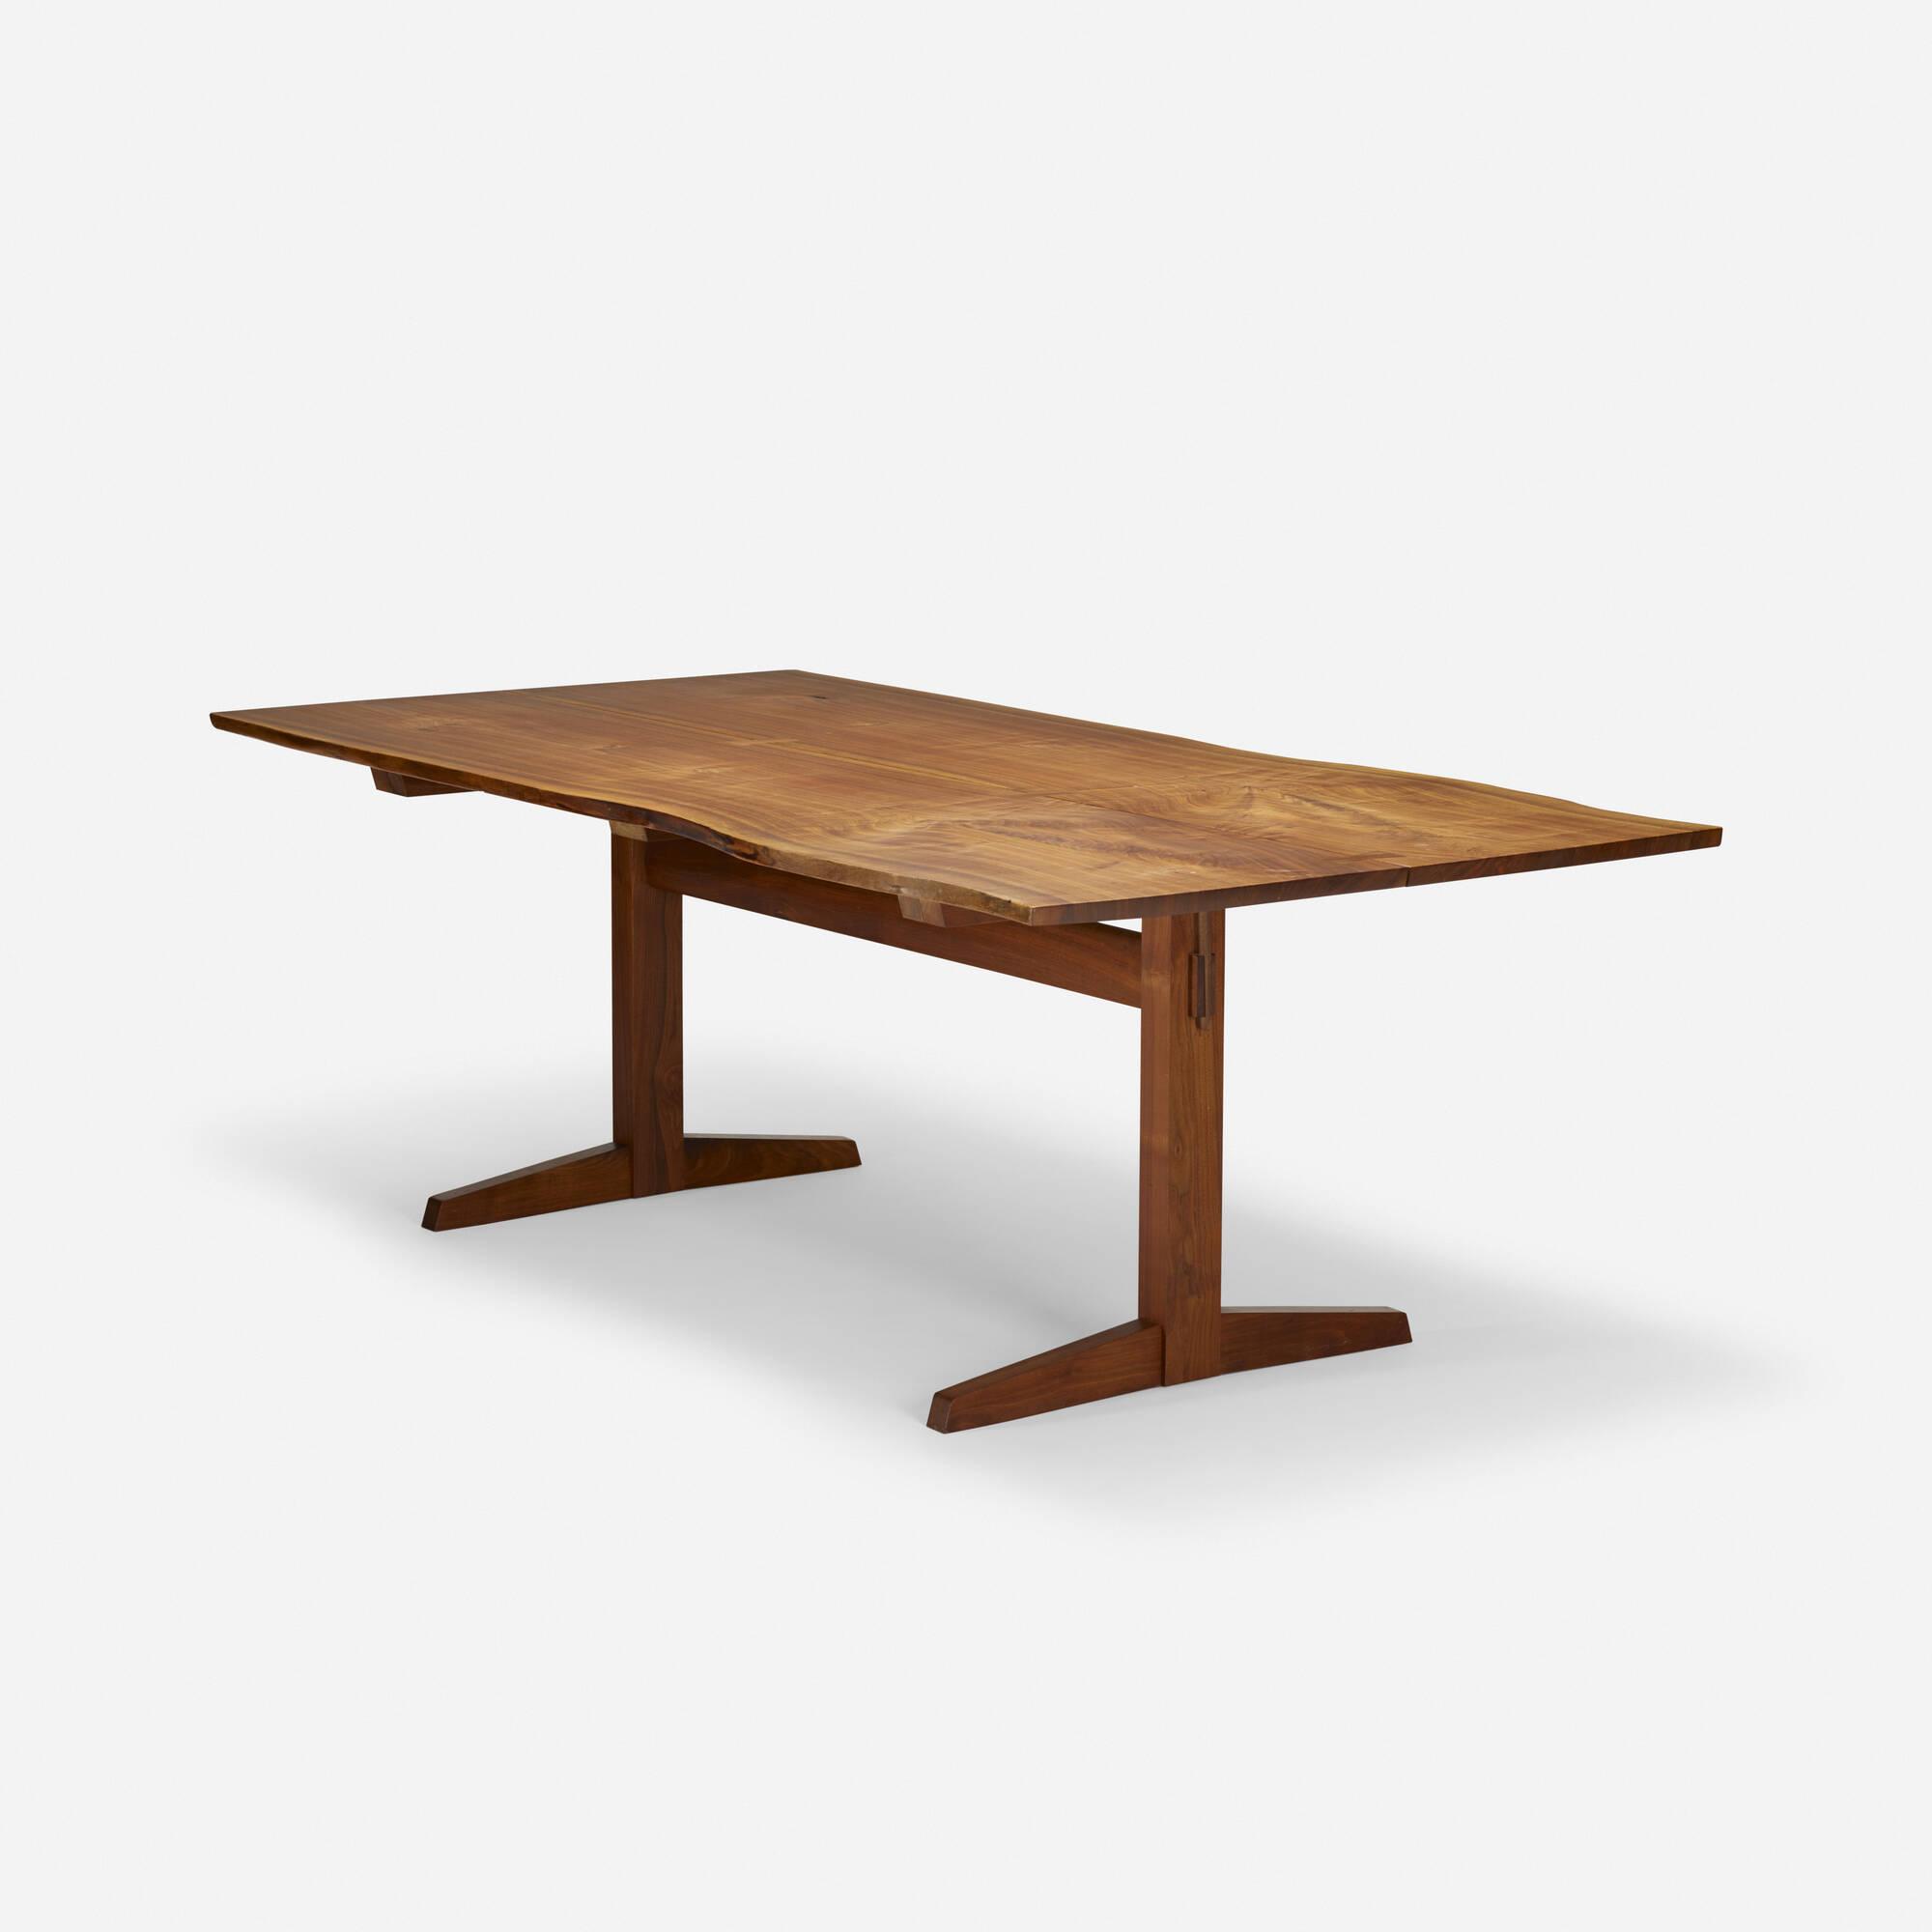 192 George Nakashima Trestle Dining Table 5 Of